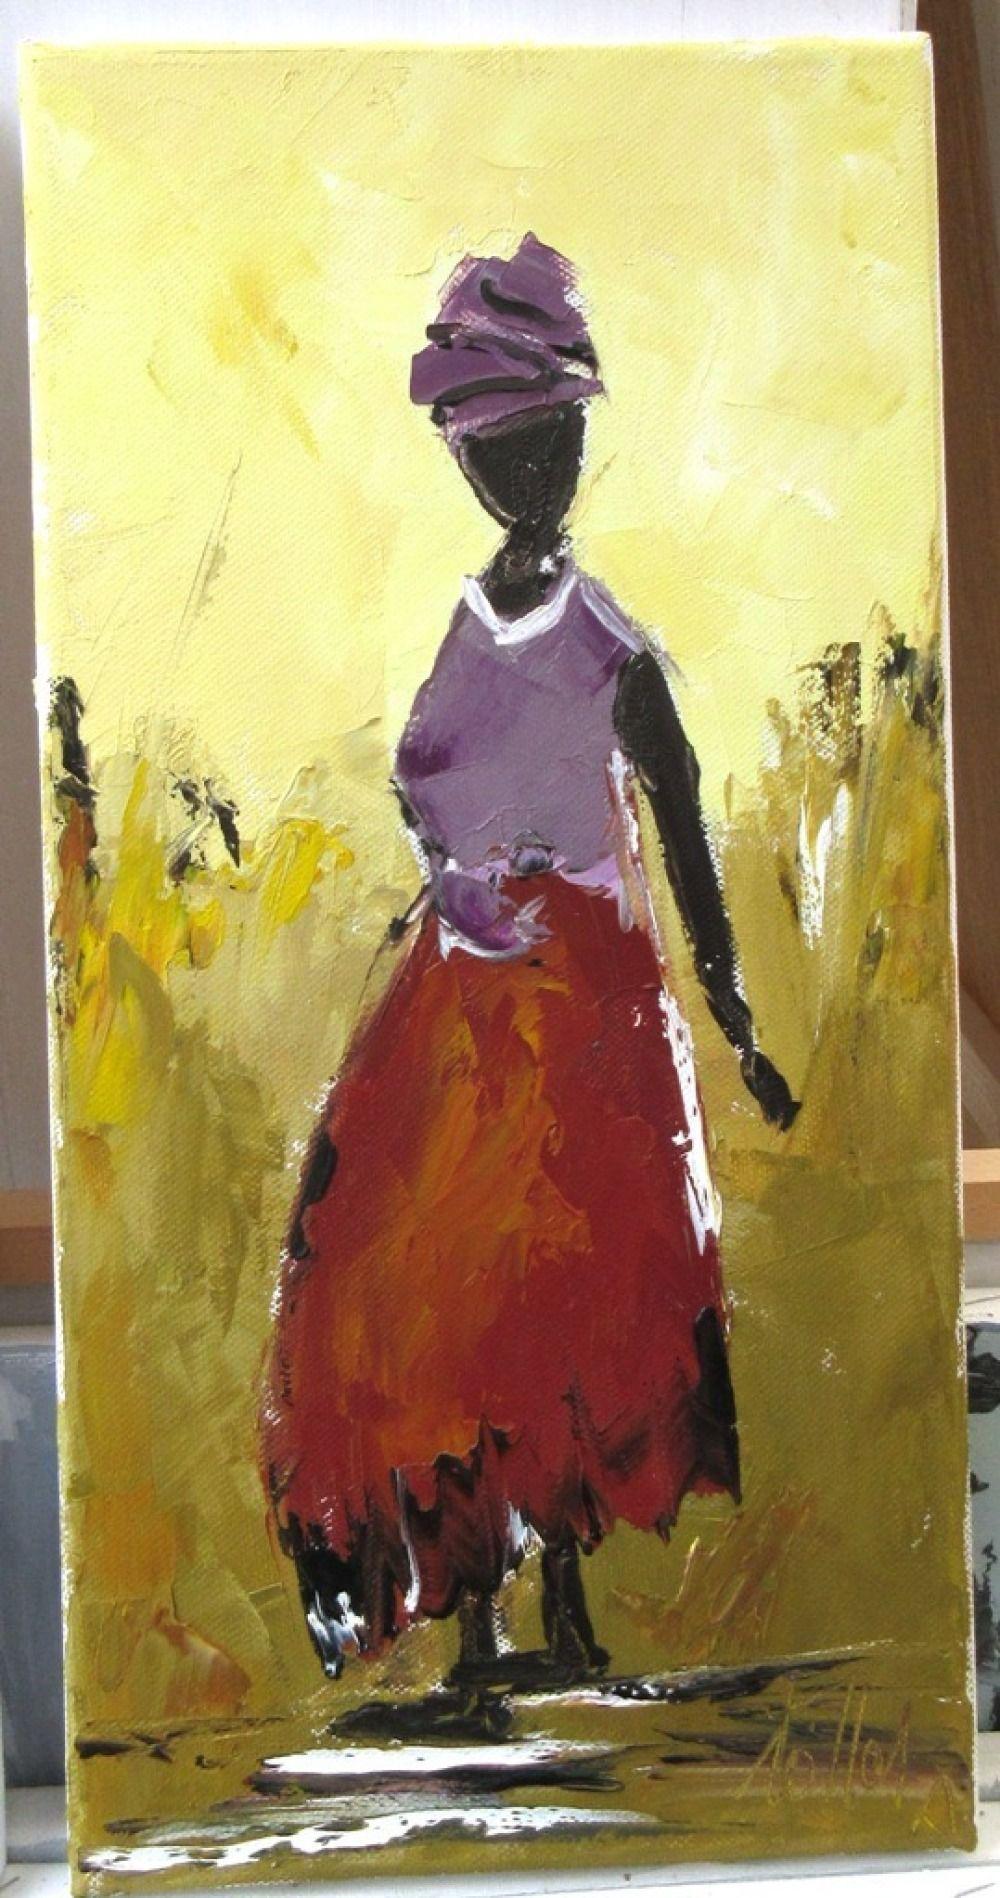 Soleil Dans Le Coeur 2 Peinture A L Huile Au Couteau Sur Chassis